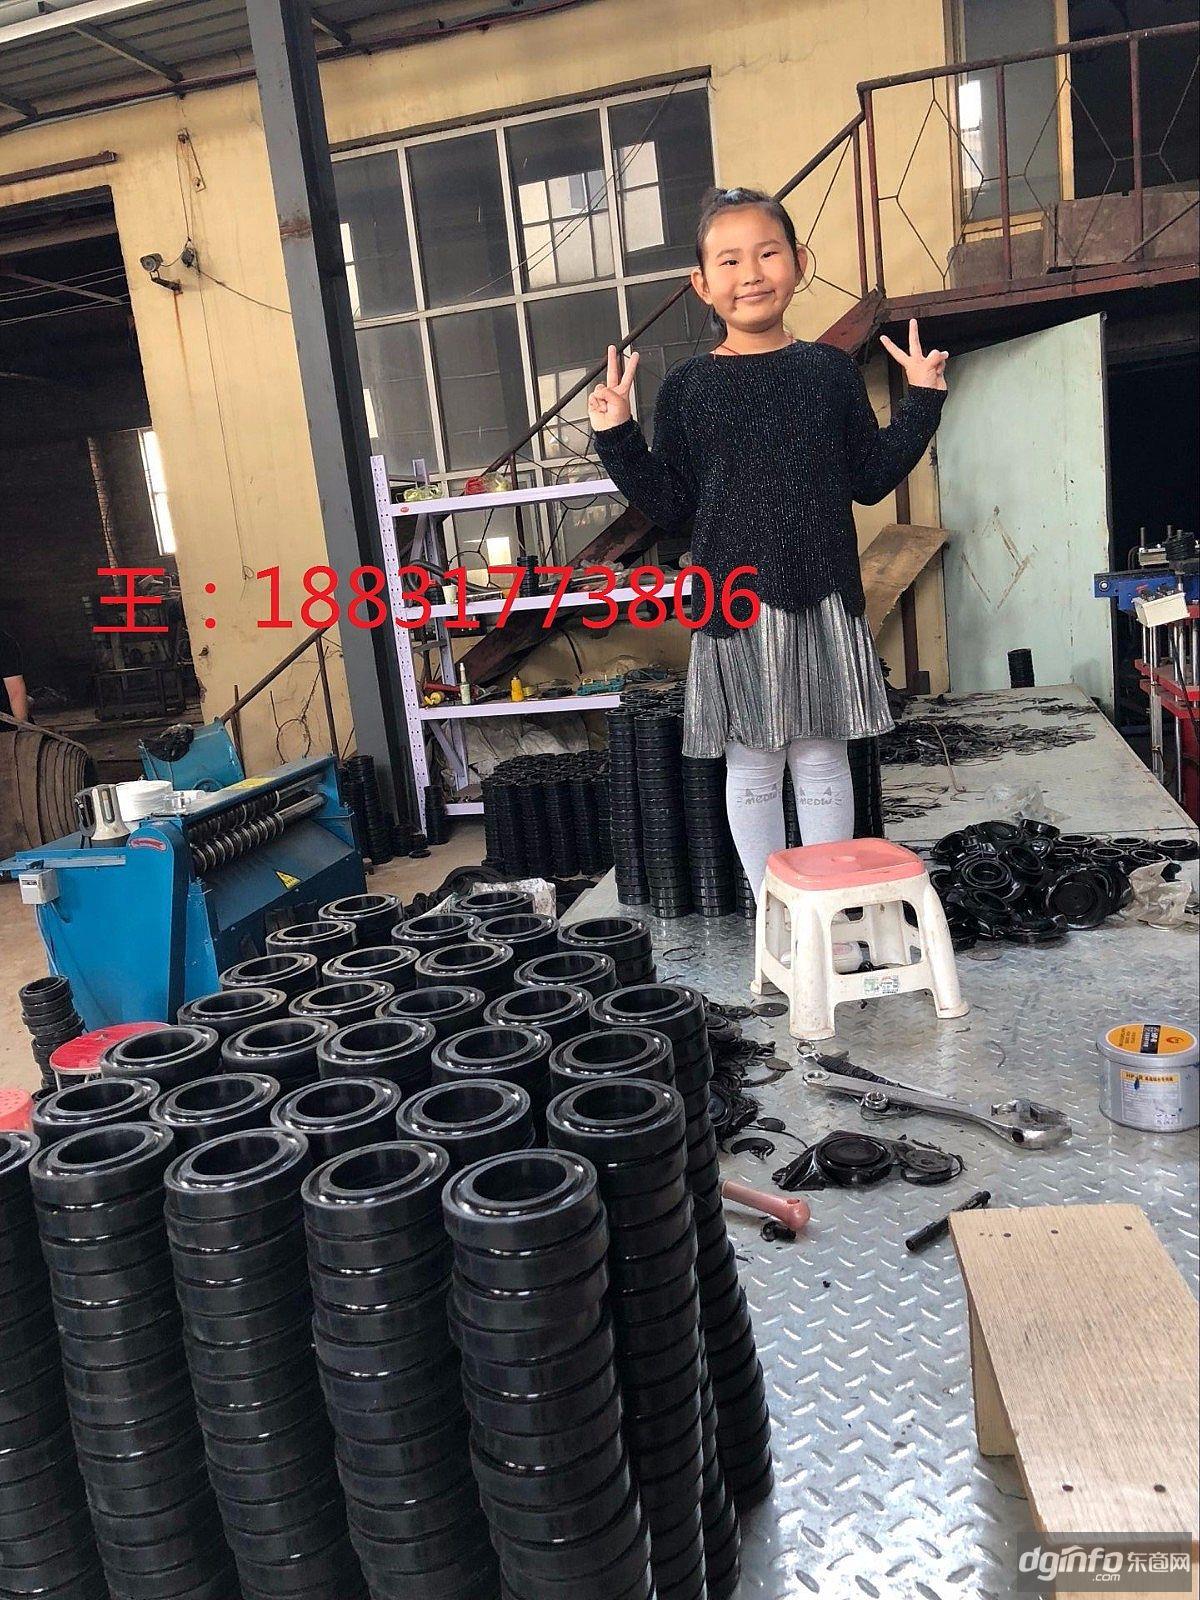 孟村耐用膠圈廠 加厚橡膠圈 托輥專用膠圈